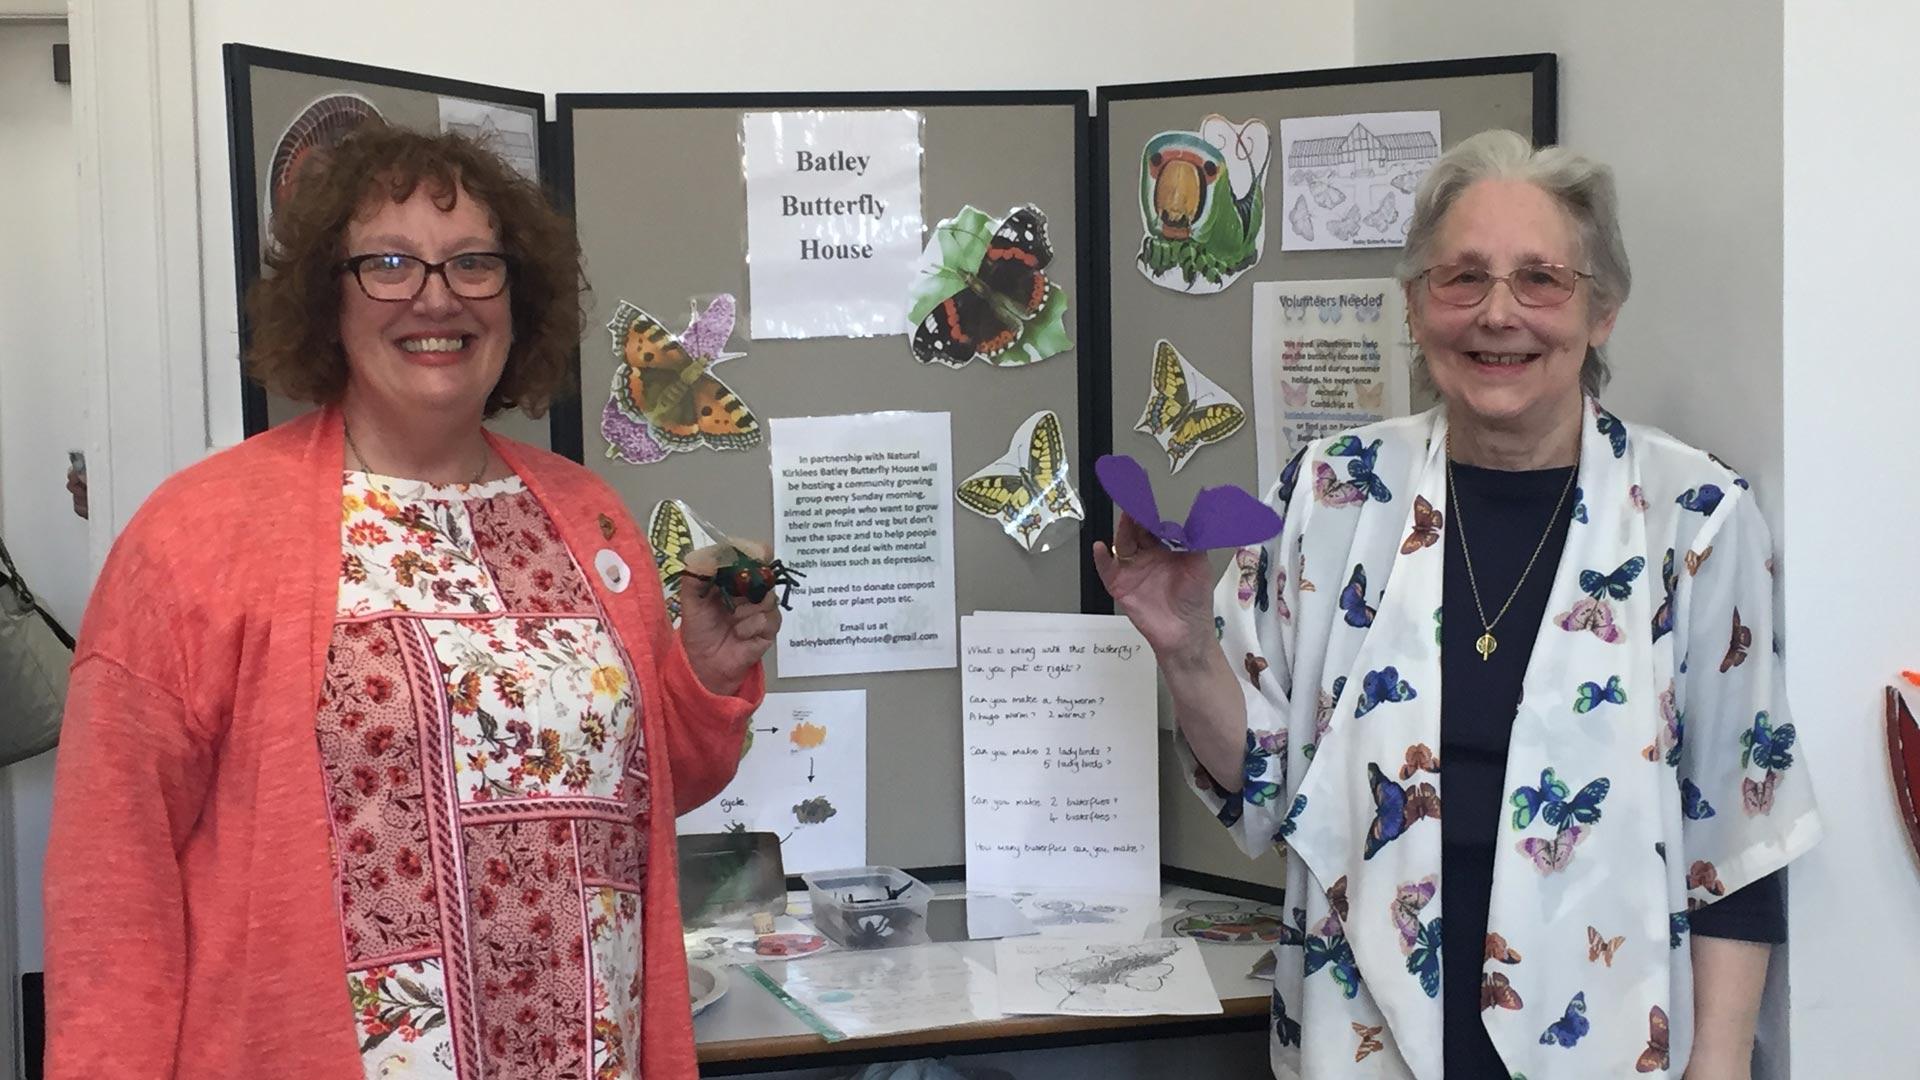 Winner - Batley Butterfly House